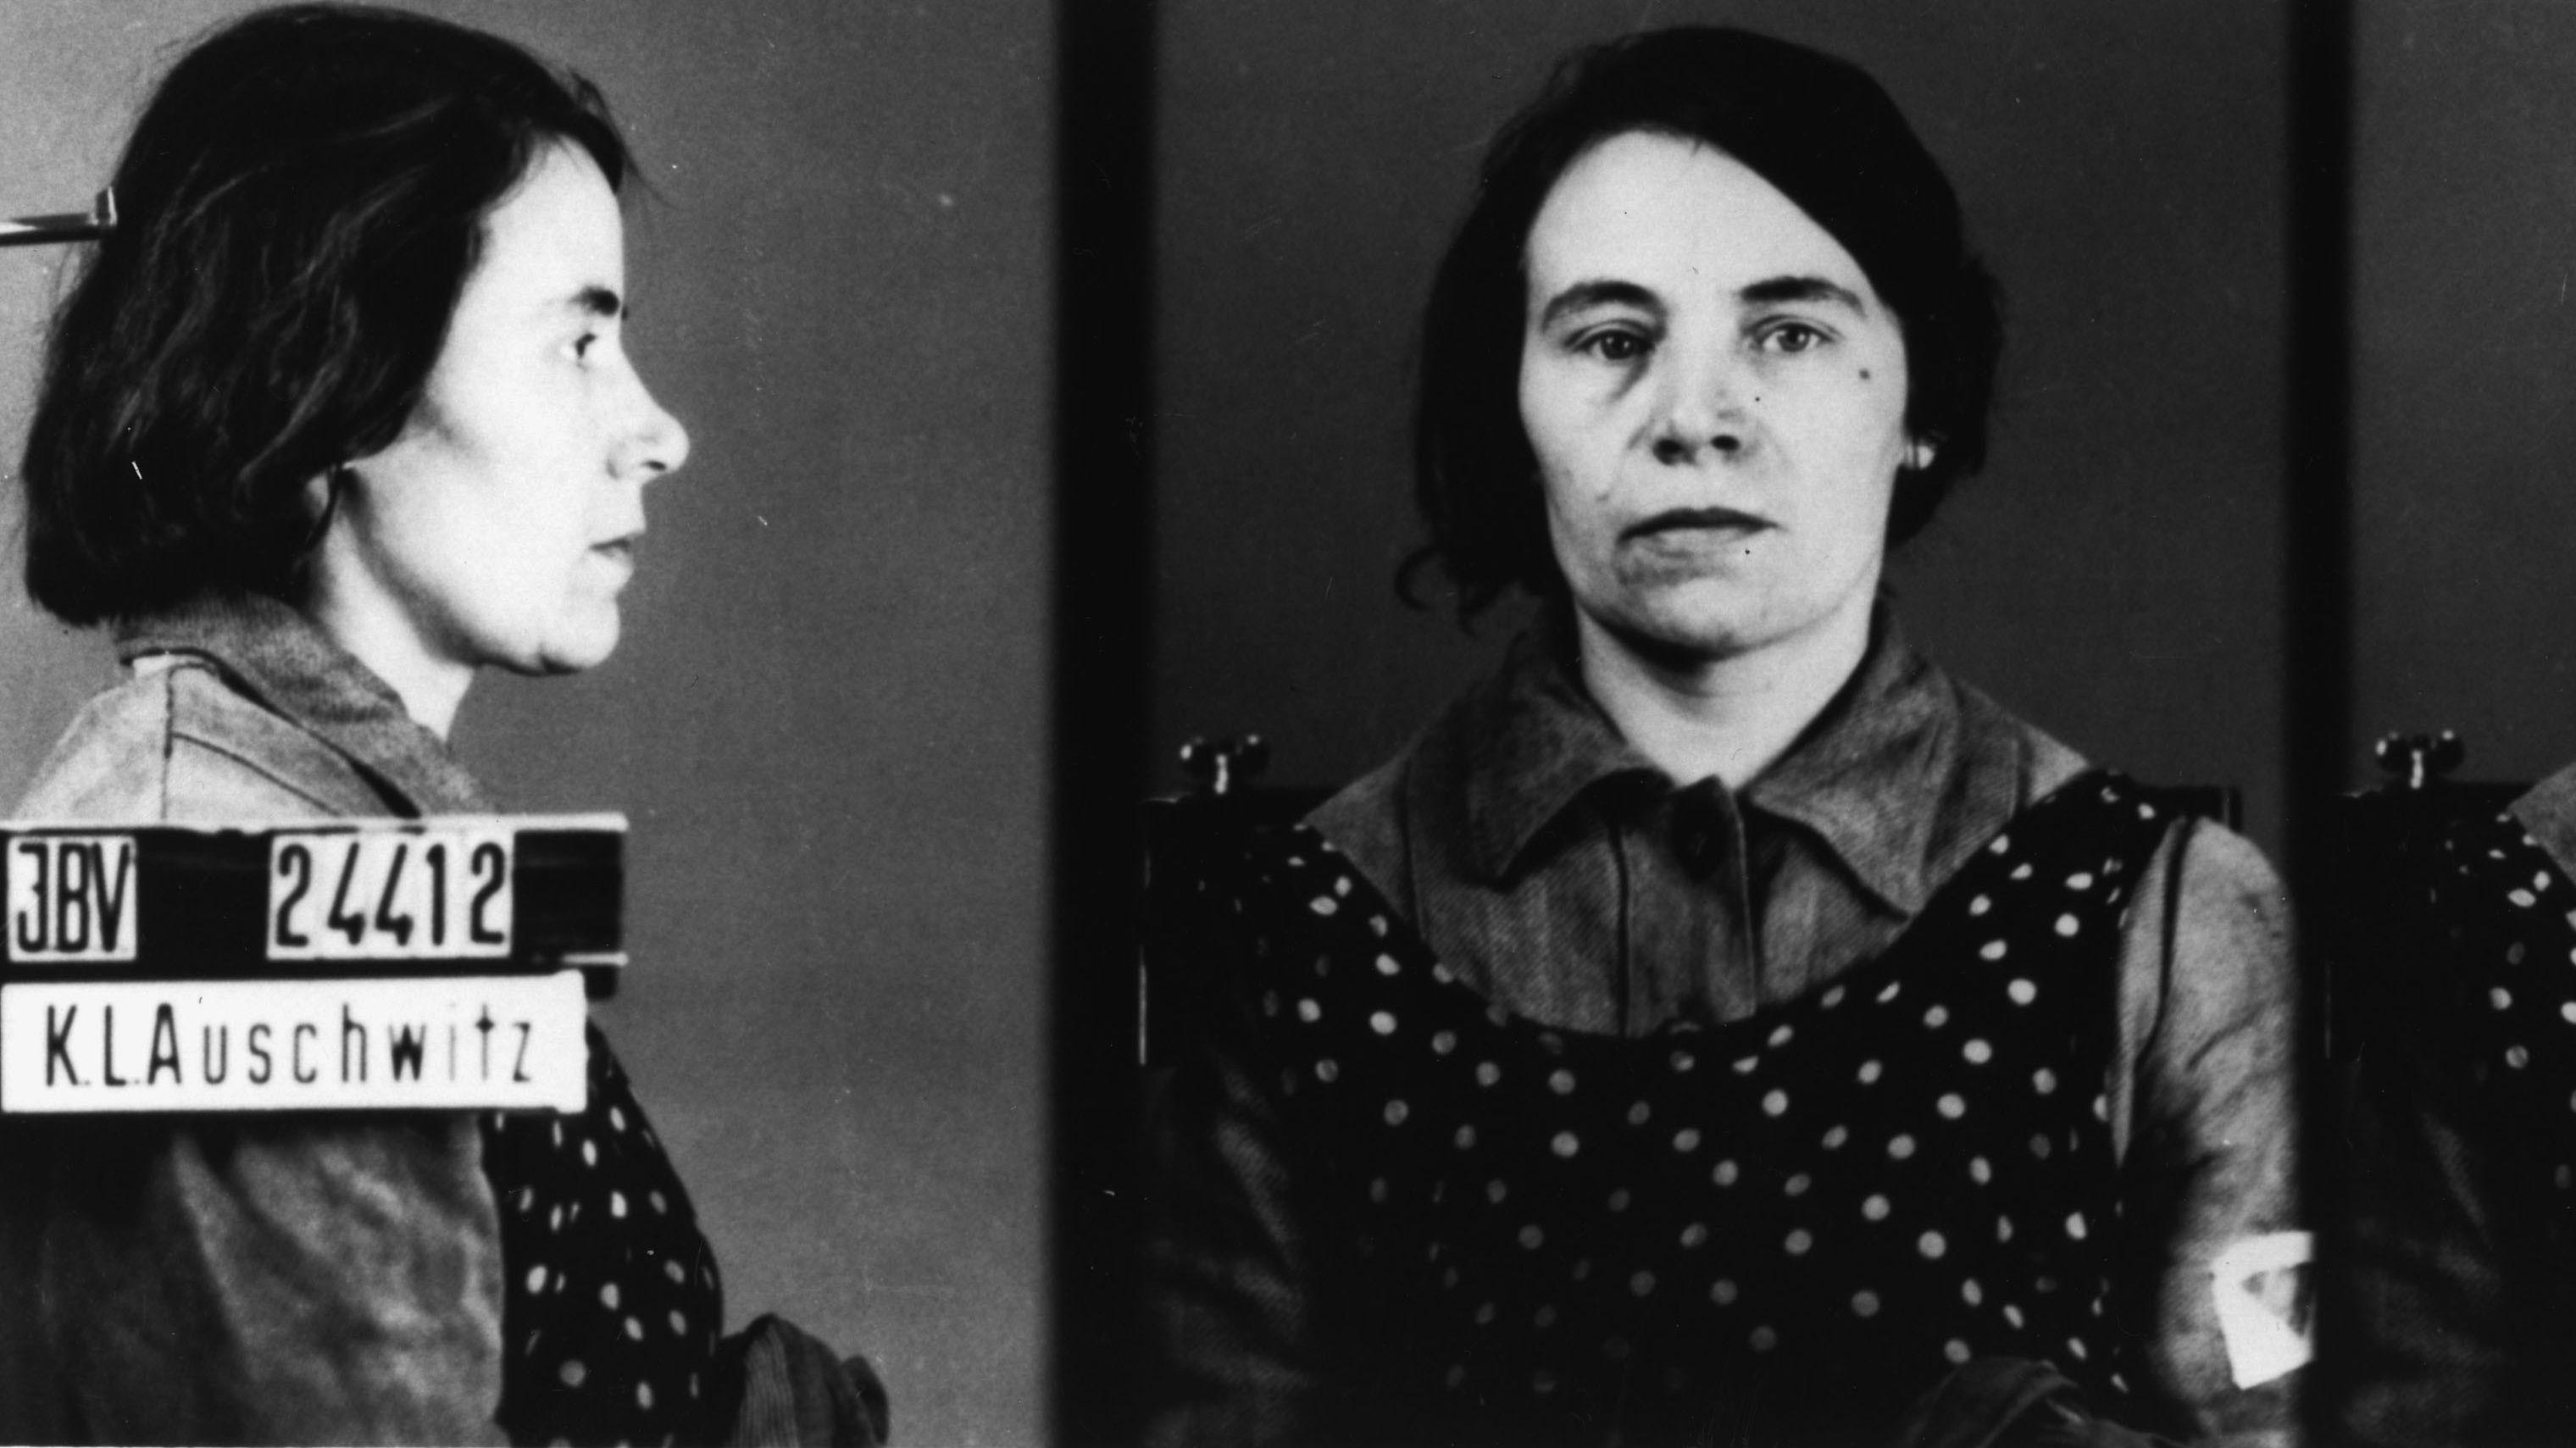 Erkennungsdienstliches Foto eines weiblichen Häftlings (Mitglied der Zeugen Jehovas), aus dem KZ-Auschwitz um 1943.